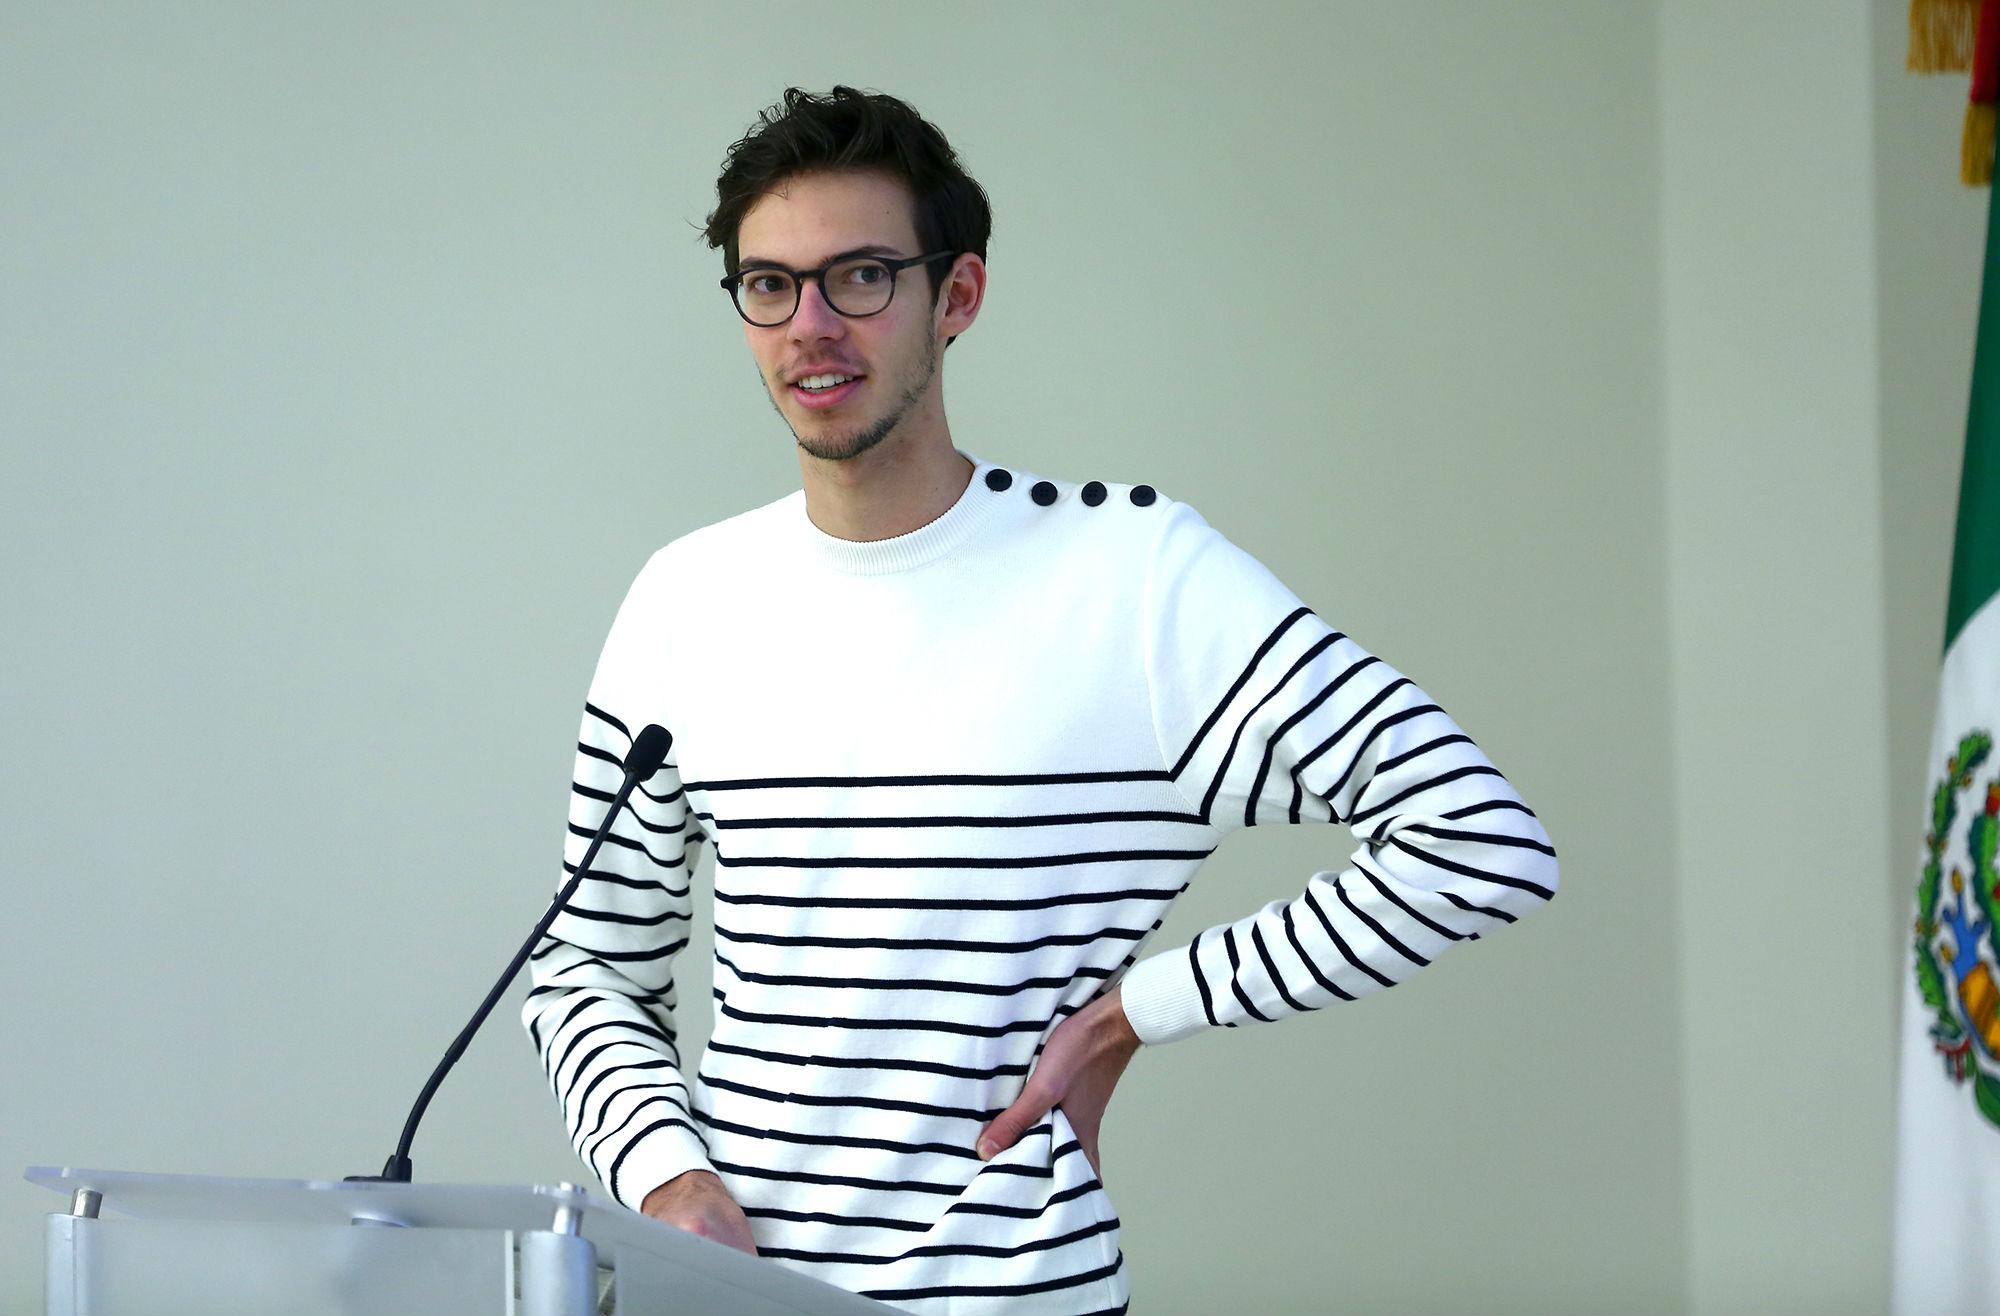 Martin Germain, de Francia, cursa doble titulación en la Facultad de Ingeniería Mecánica y Eléctrica